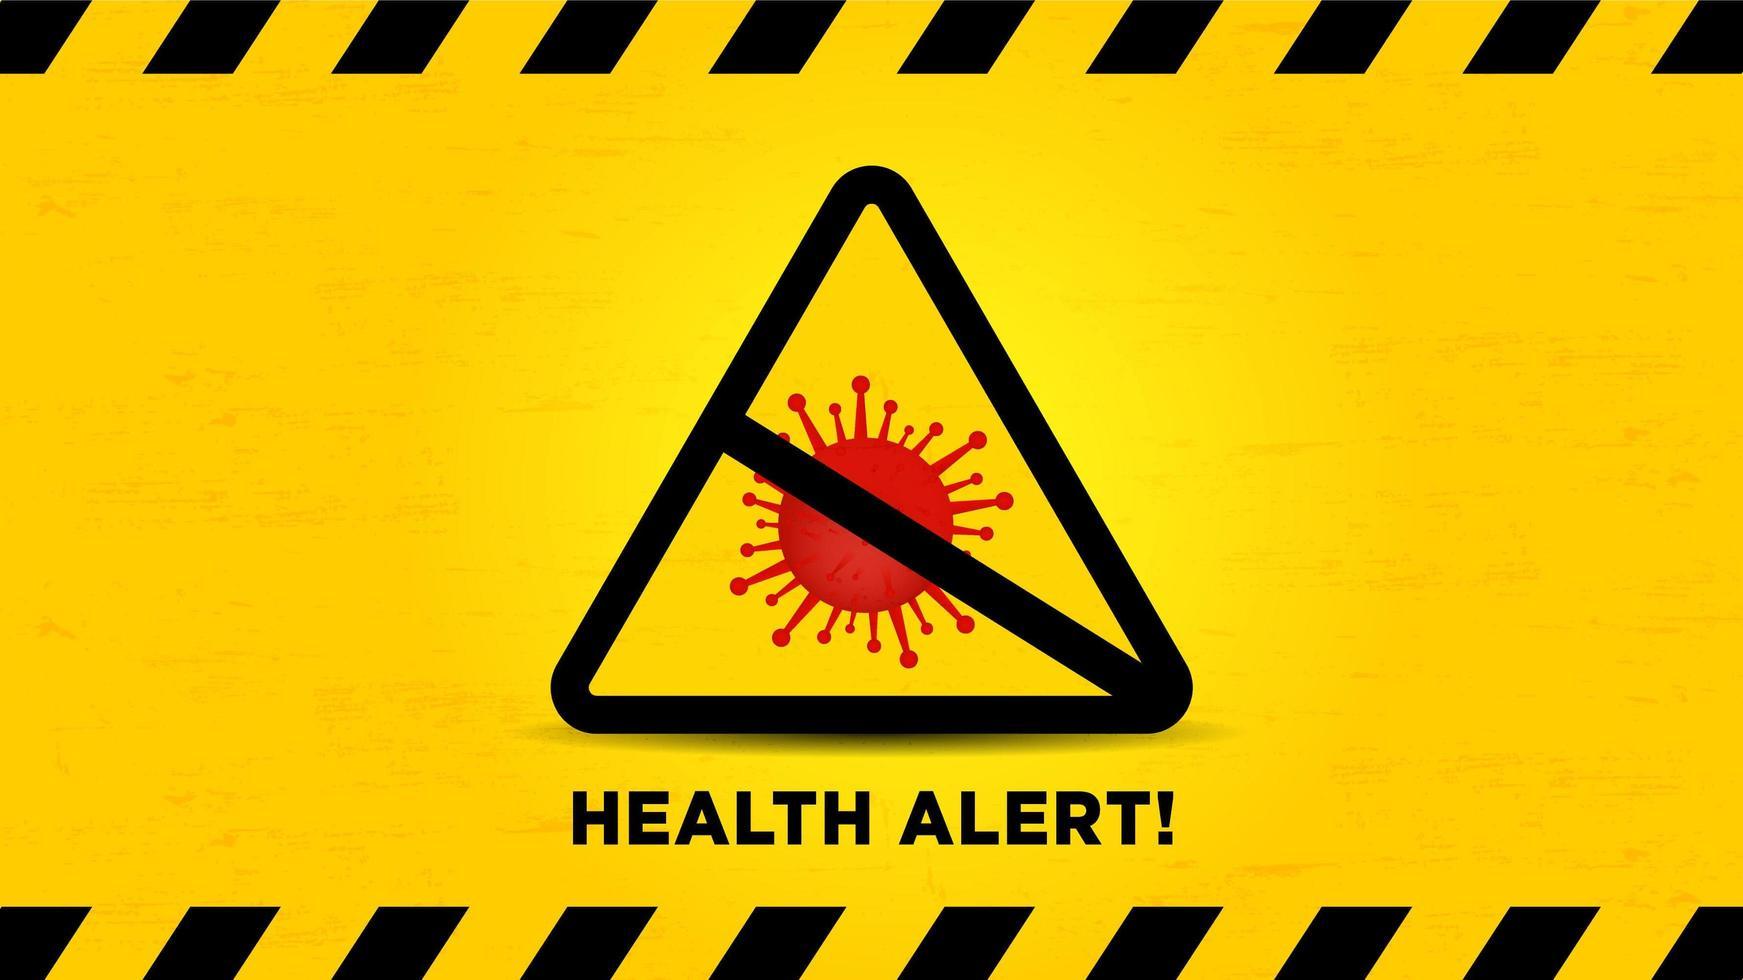 alerta de salud señal de precaución con glóbulos rojos vector